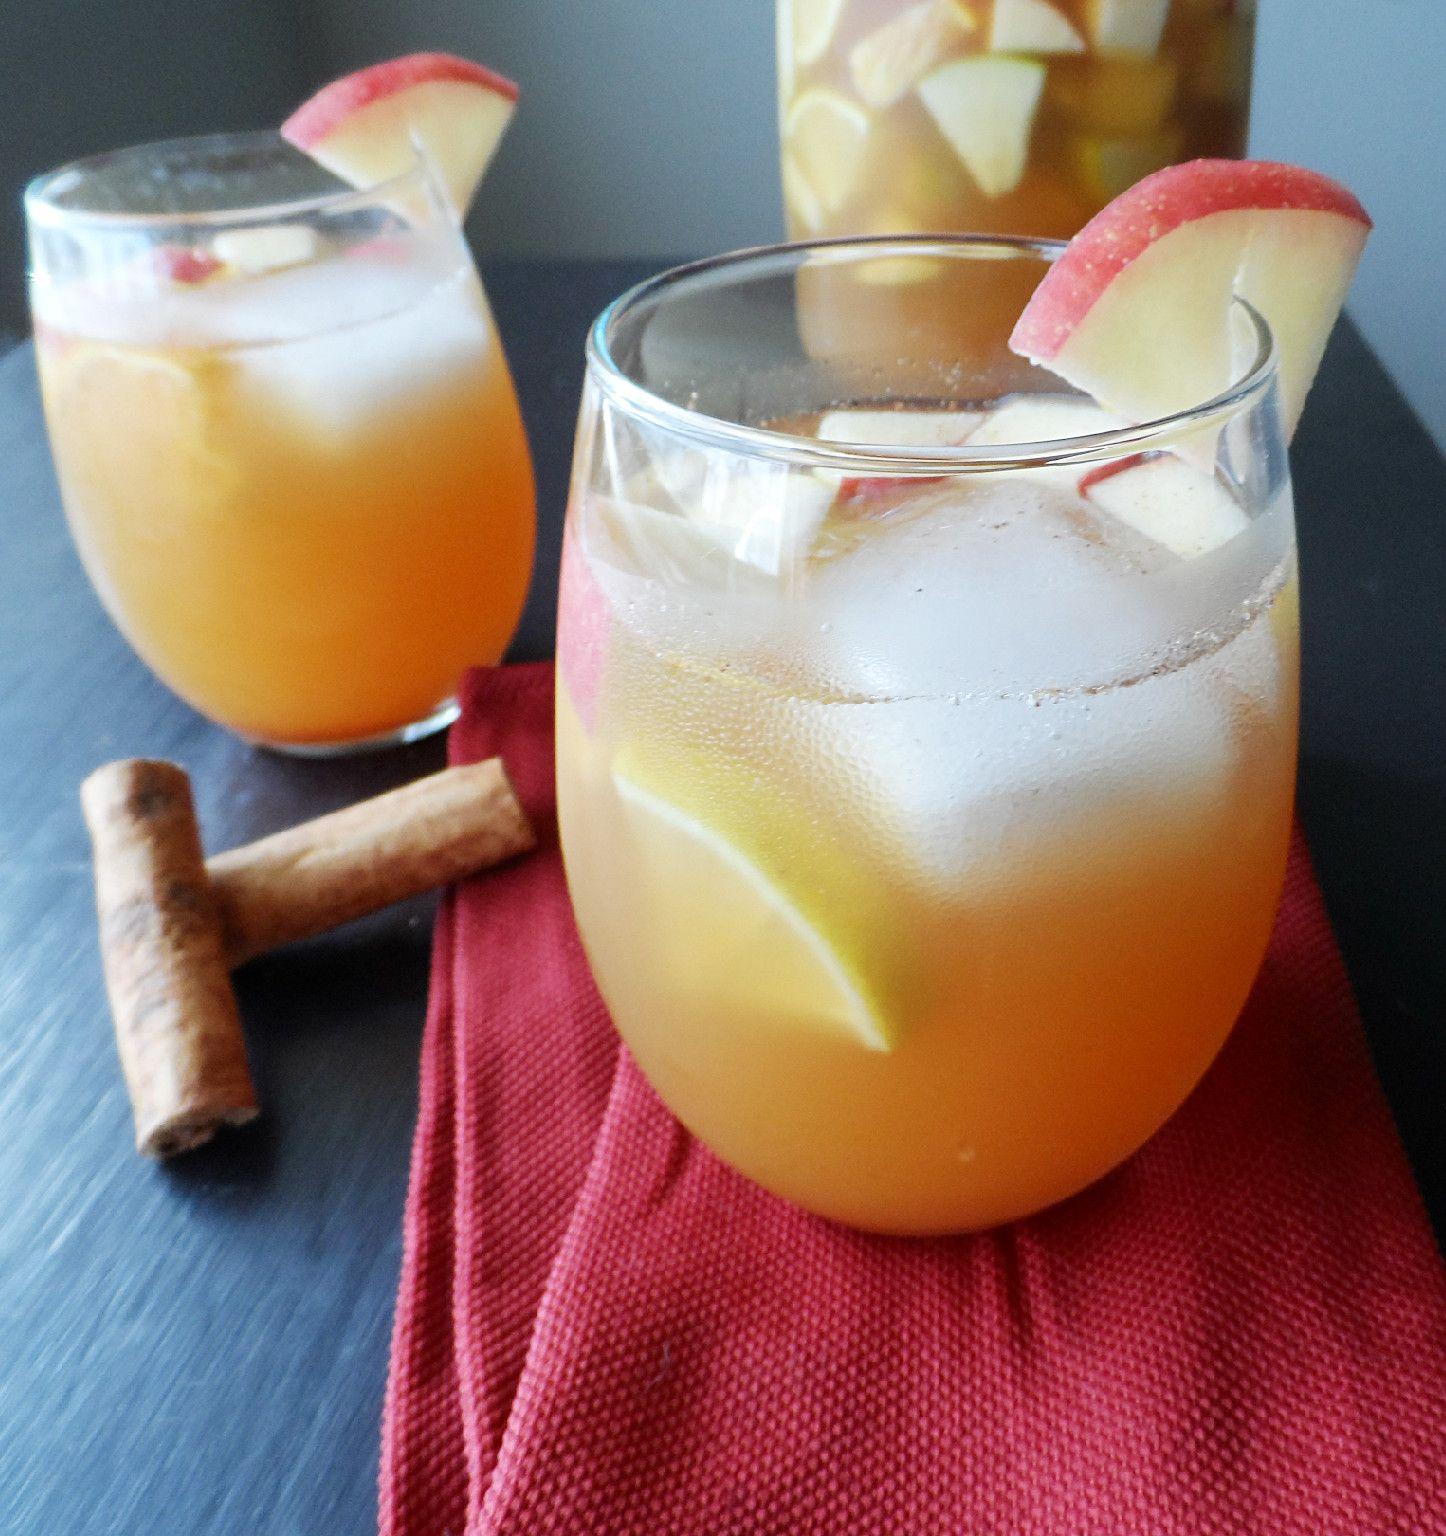 Apple Cider Alcoholic Drinks: Apple Cider Sangria 1 Apple 1 Pear 1 Orange 1 Lemon 1